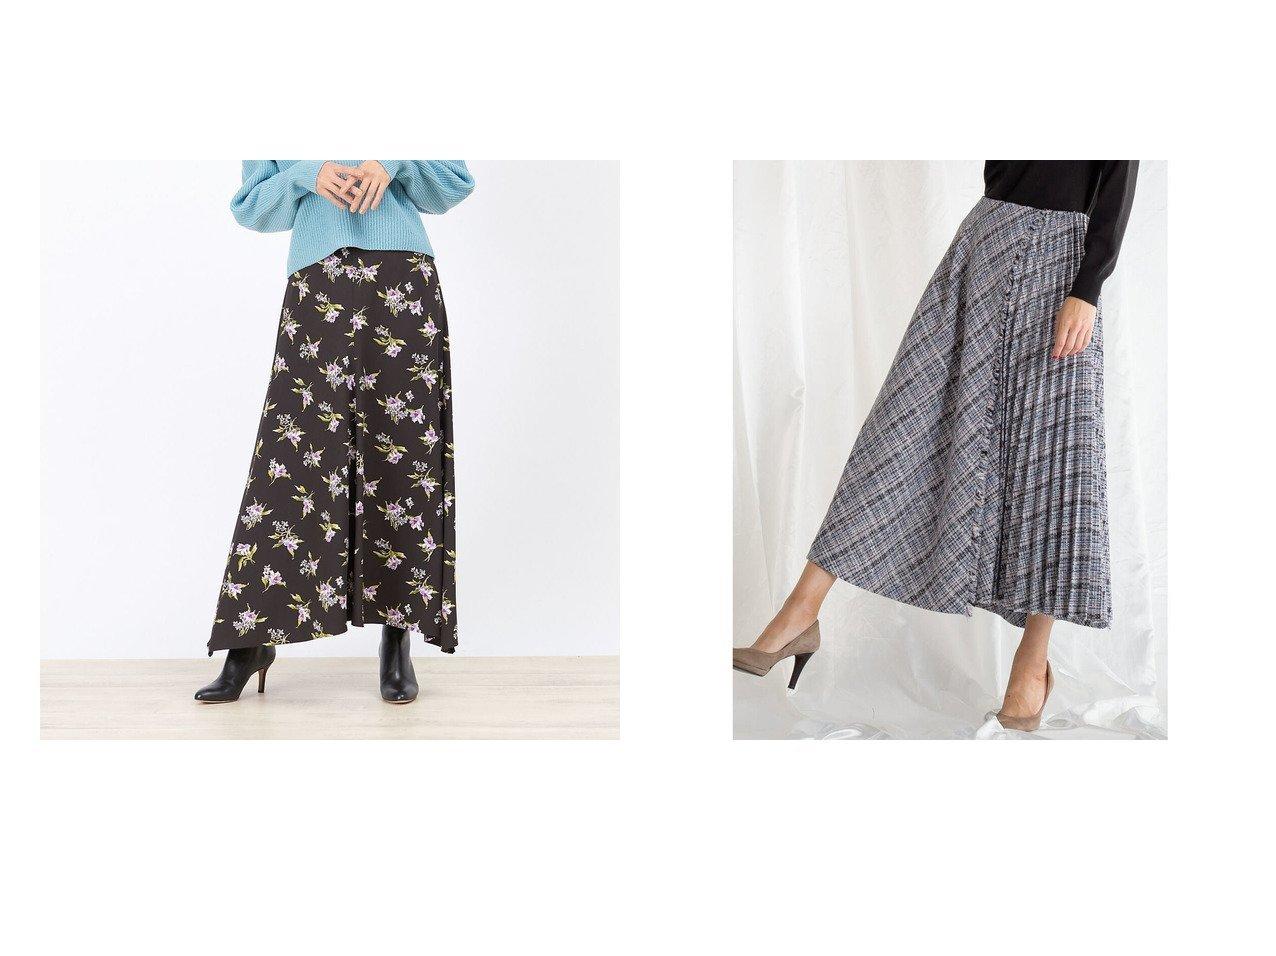 【Viaggio Blu/ビアッジョブルー】のカラーツィードサイドプリーツスカート&【Rouge vif la cle/ルージュヴィフラクレ】のフラワープリントスカート スカートのおすすめ!人気、トレンド・レディースファッションの通販 おすすめで人気の流行・トレンド、ファッションの通販商品 メンズファッション・キッズファッション・インテリア・家具・レディースファッション・服の通販 founy(ファニー) https://founy.com/ ファッション Fashion レディースファッション WOMEN スカート Skirt プリーツスカート Pleated Skirts 2020年 2020 2020-2021 秋冬 A/W AW Autumn/Winter / FW Fall-Winter 2020-2021 A/W 秋冬 AW Autumn/Winter / FW Fall-Winter スウェット タイツ フレア フレアースカート プリント 2021年 2021 2021-2022 秋冬 A/W AW Autumn/Winter / FW Fall-Winter 2021-2022 ツイード フリンジ プリーツ |ID:crp329100000016092